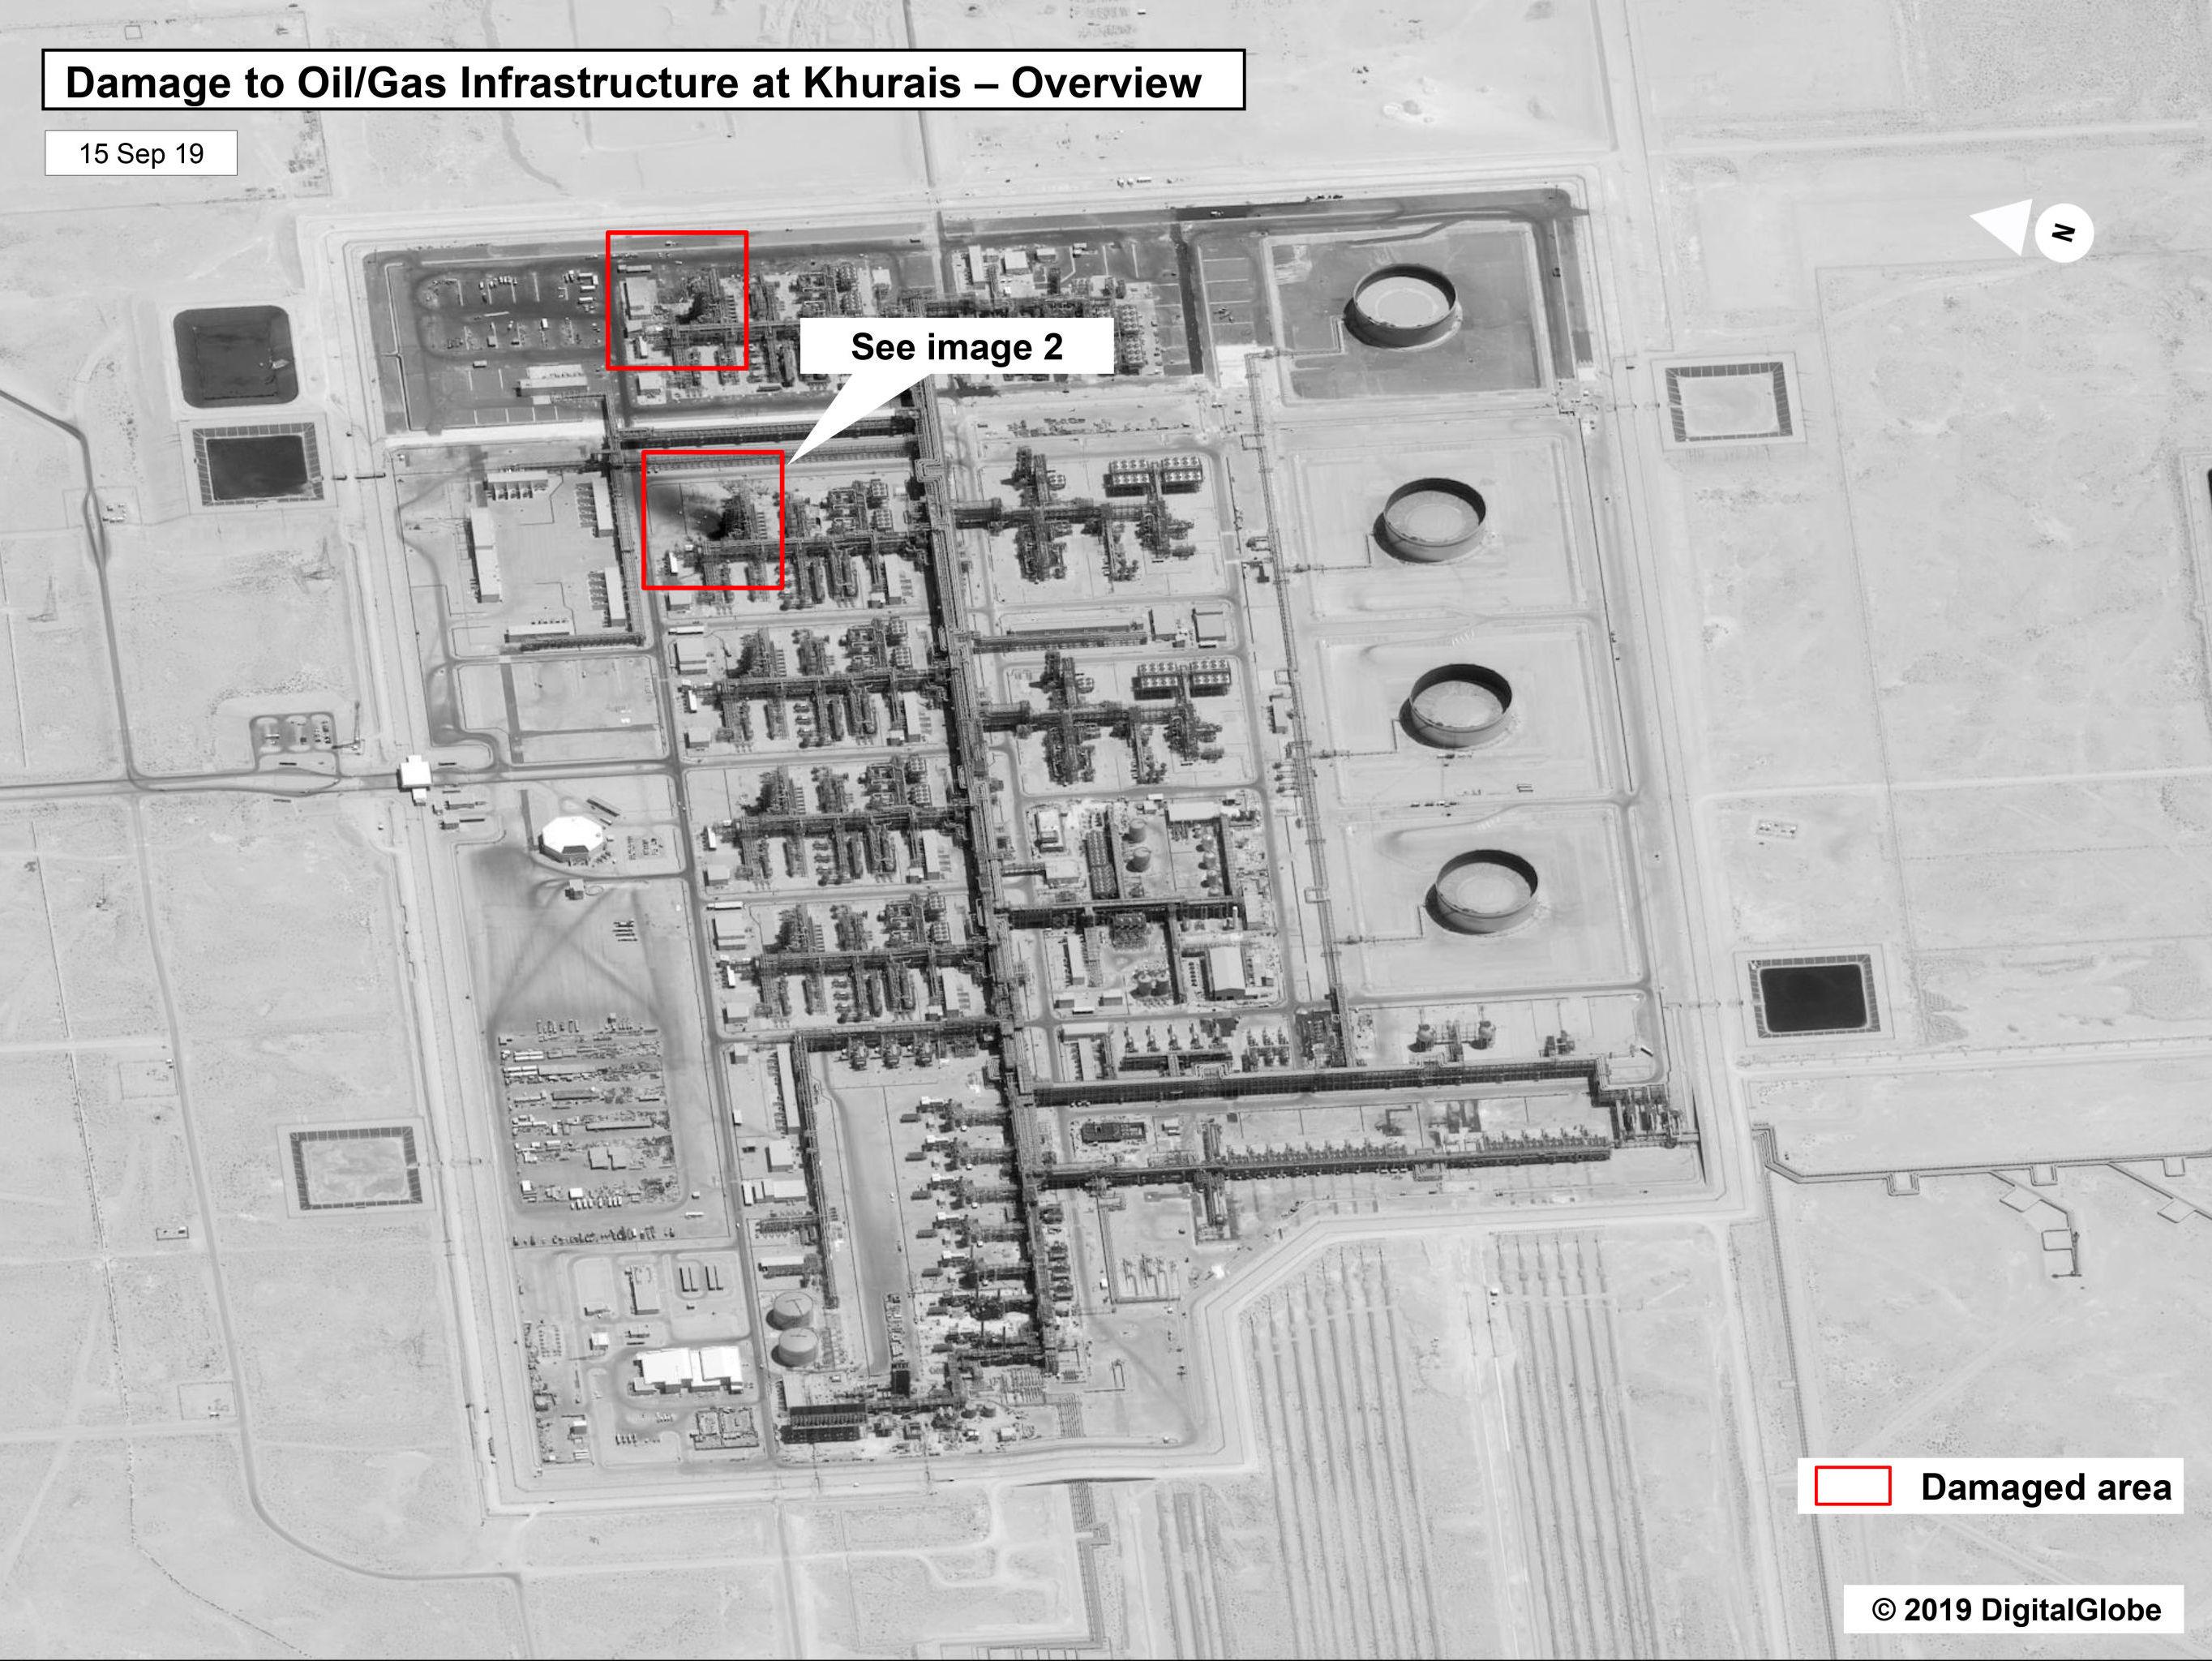 Fotografia, divulgada pelo governo dos EUA, mostra danos causados após ataque de drones à instalação de petróleo de Khurais, da Saudi Aramco, na Arábia Saudita